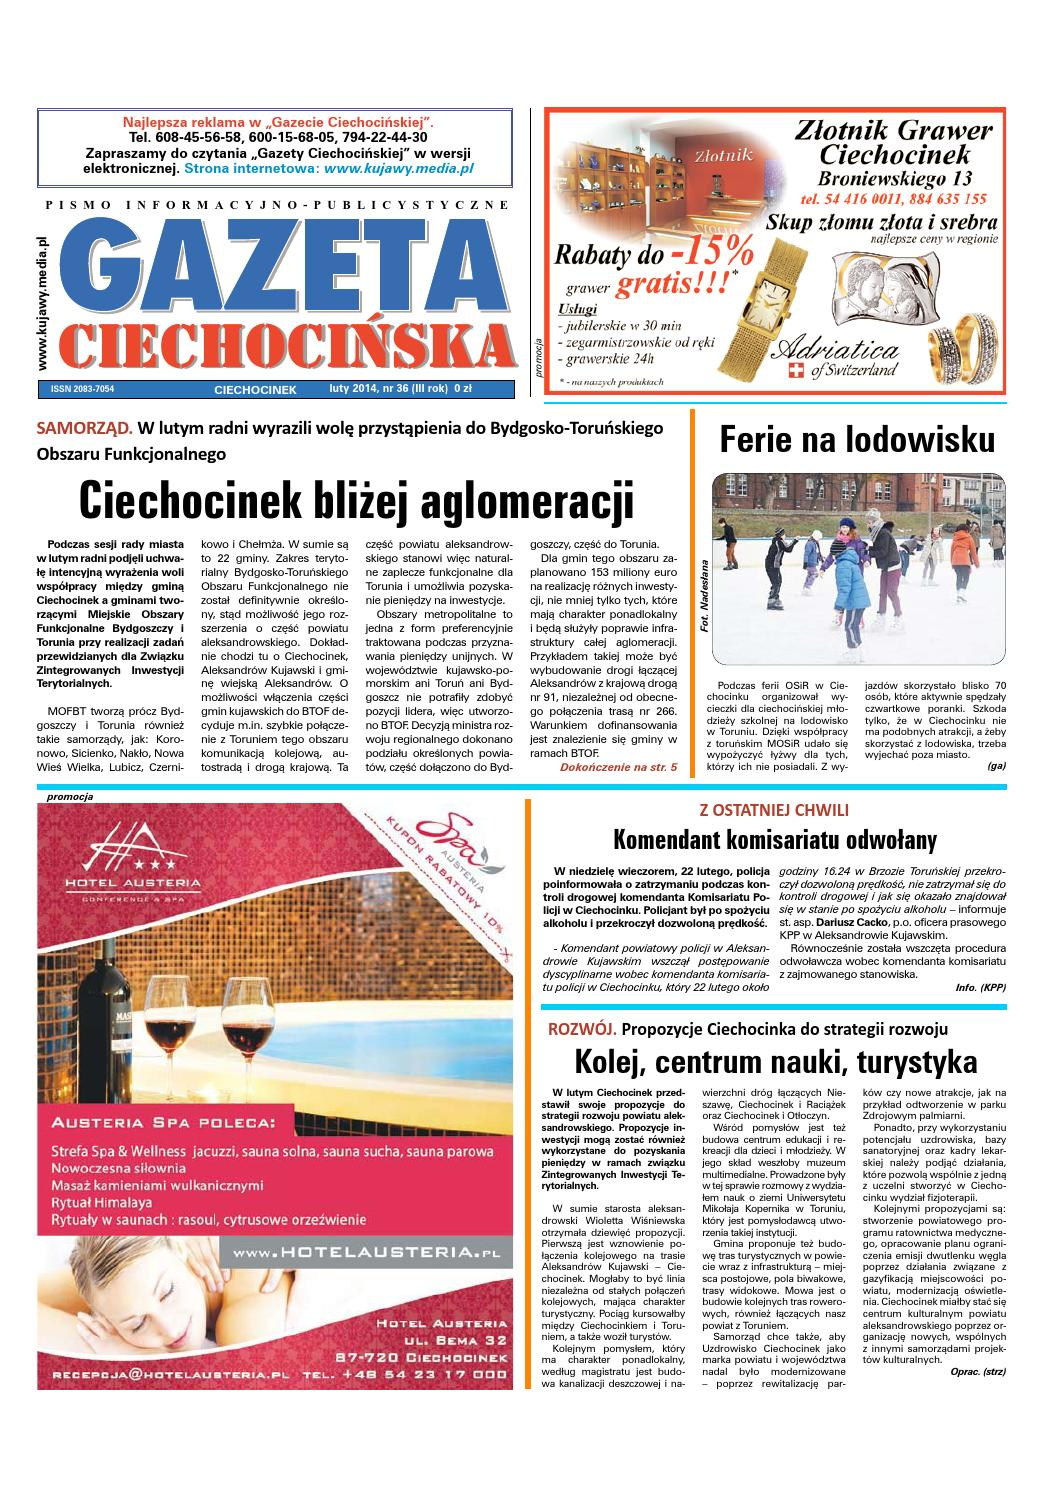 Gazeta Ciechocińska Nr 36 2014 By Wydawnictwo Kujawy Issuu